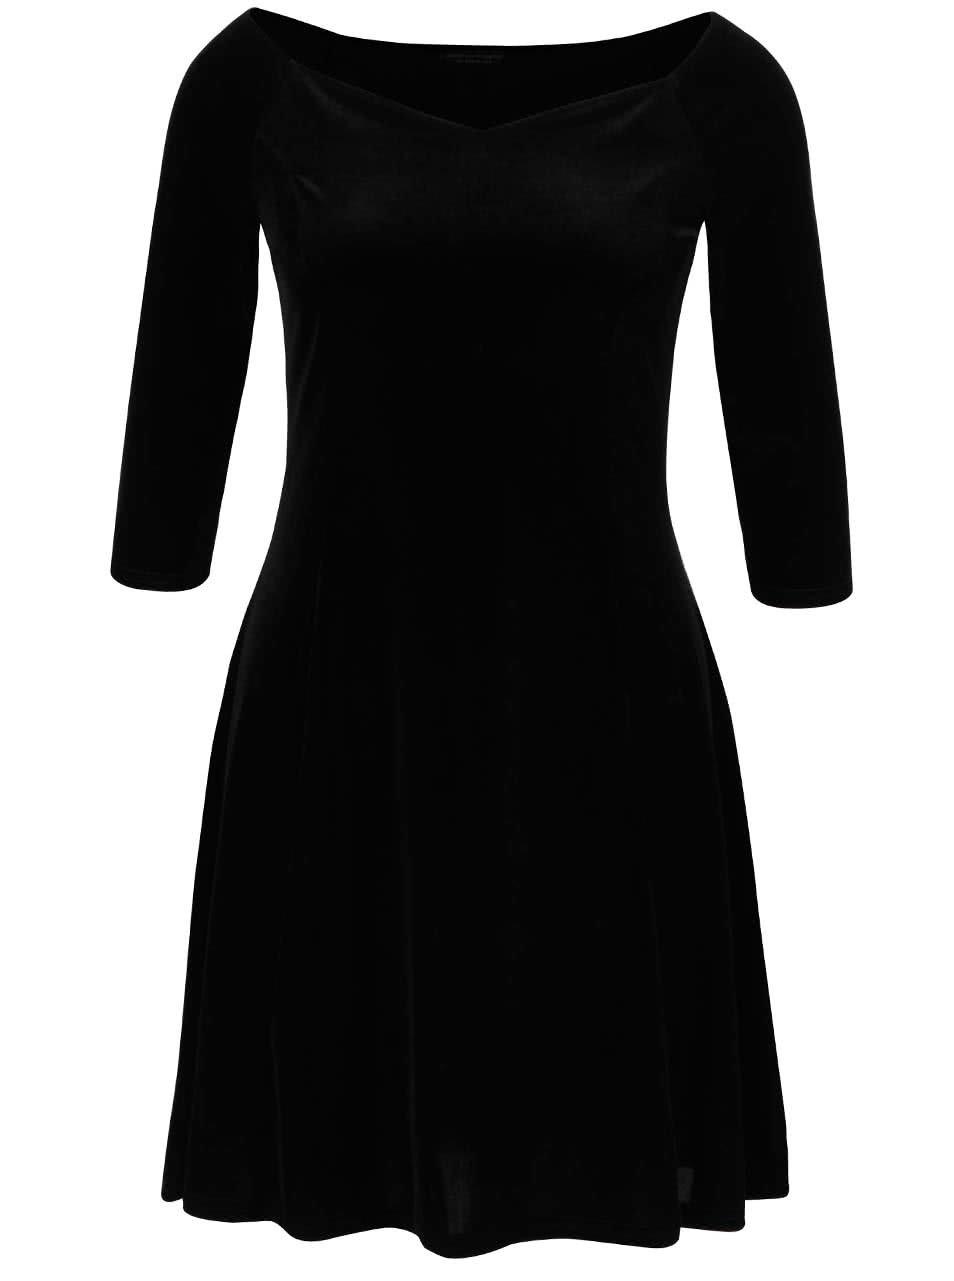 Černé sametové šaty s 3/4 rukávy Dorothy Perkins